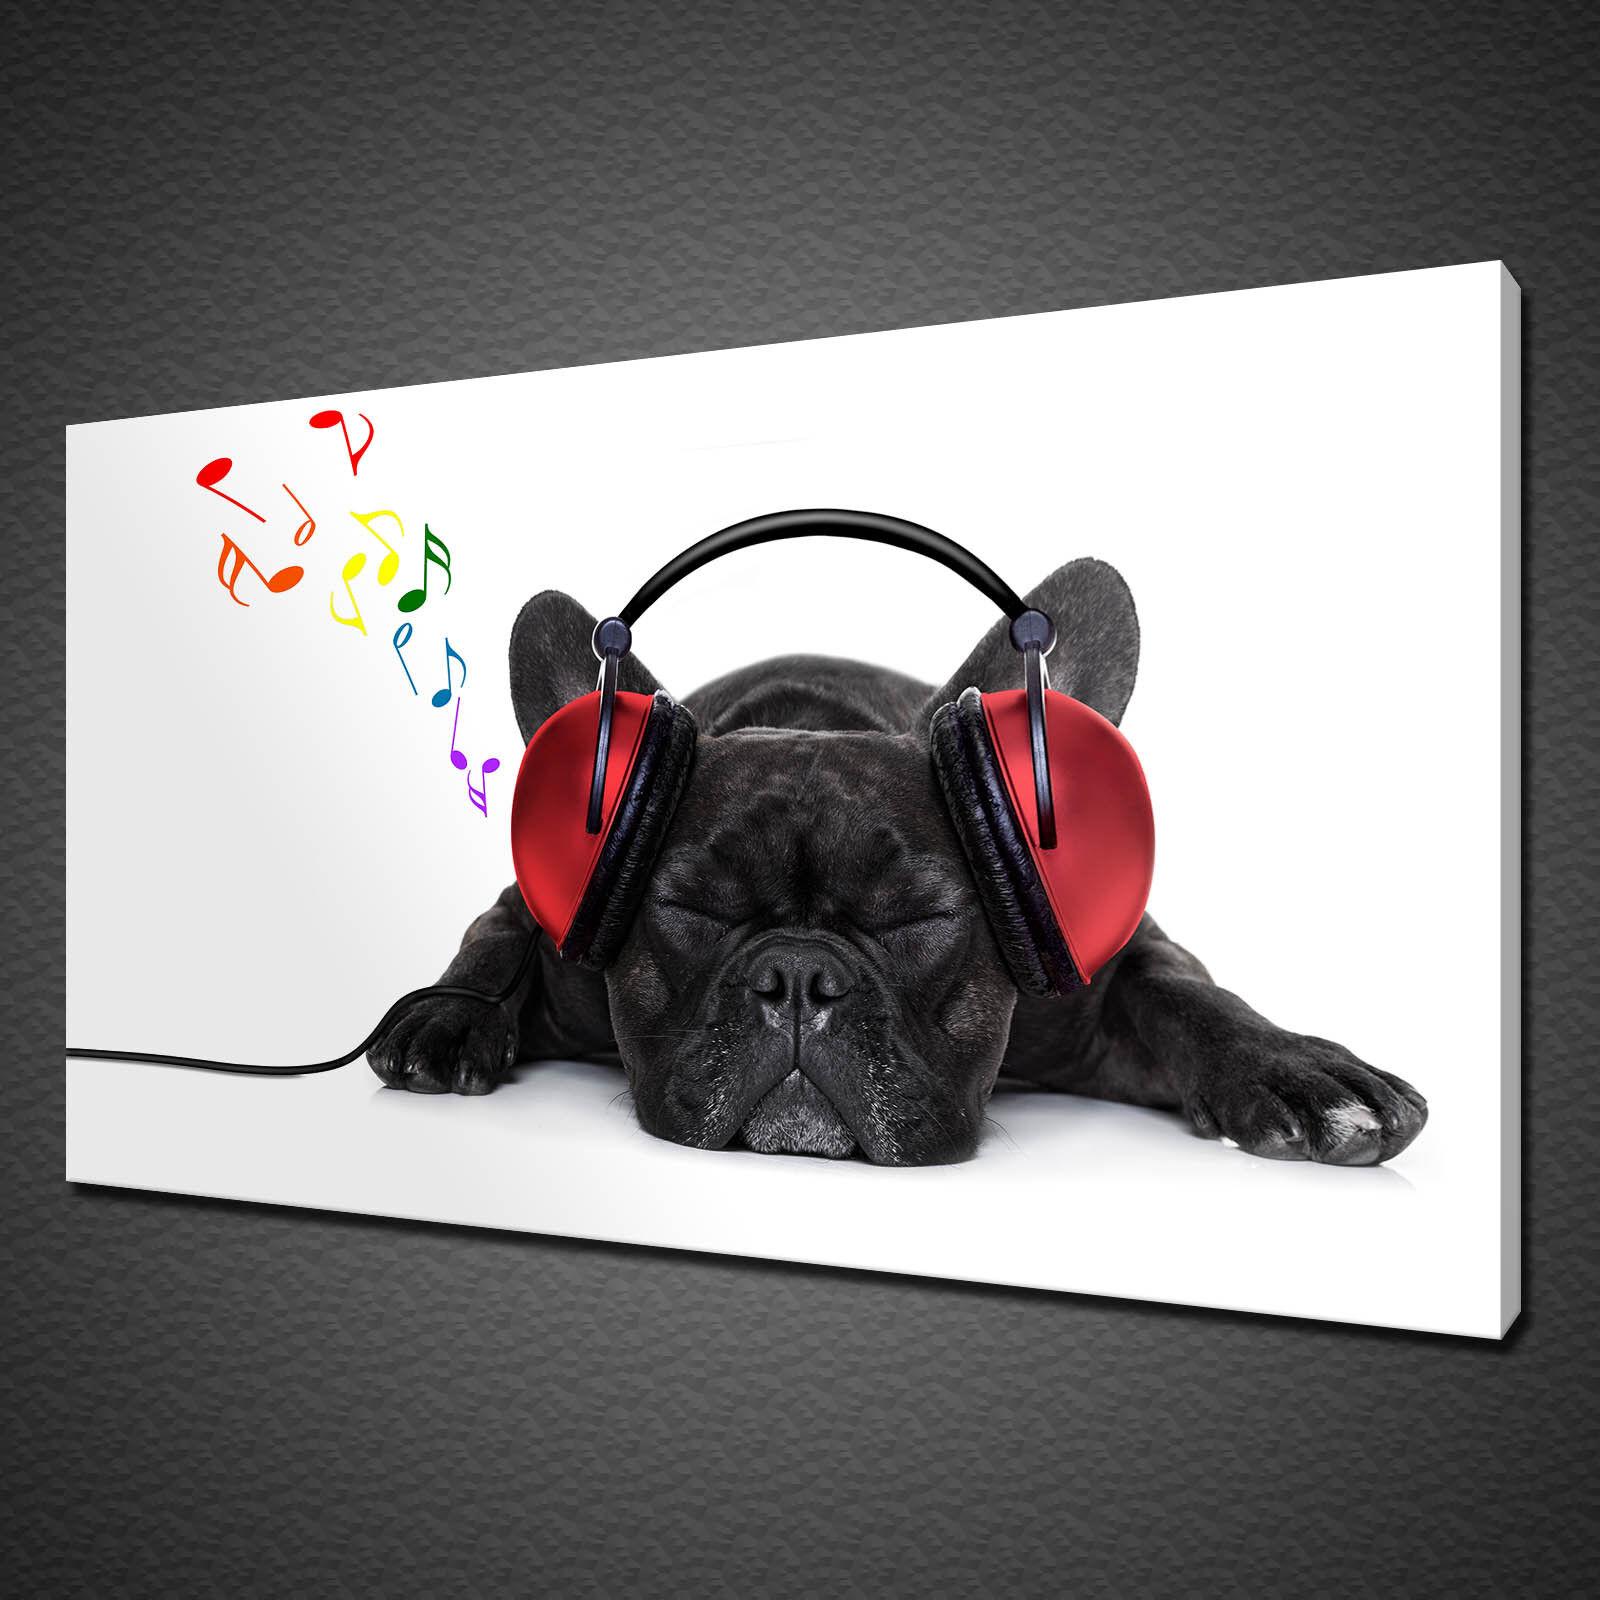 Carino Cane Nero Ascoltare musica Cuffie Tela Stampa Wall Art Picture Foto